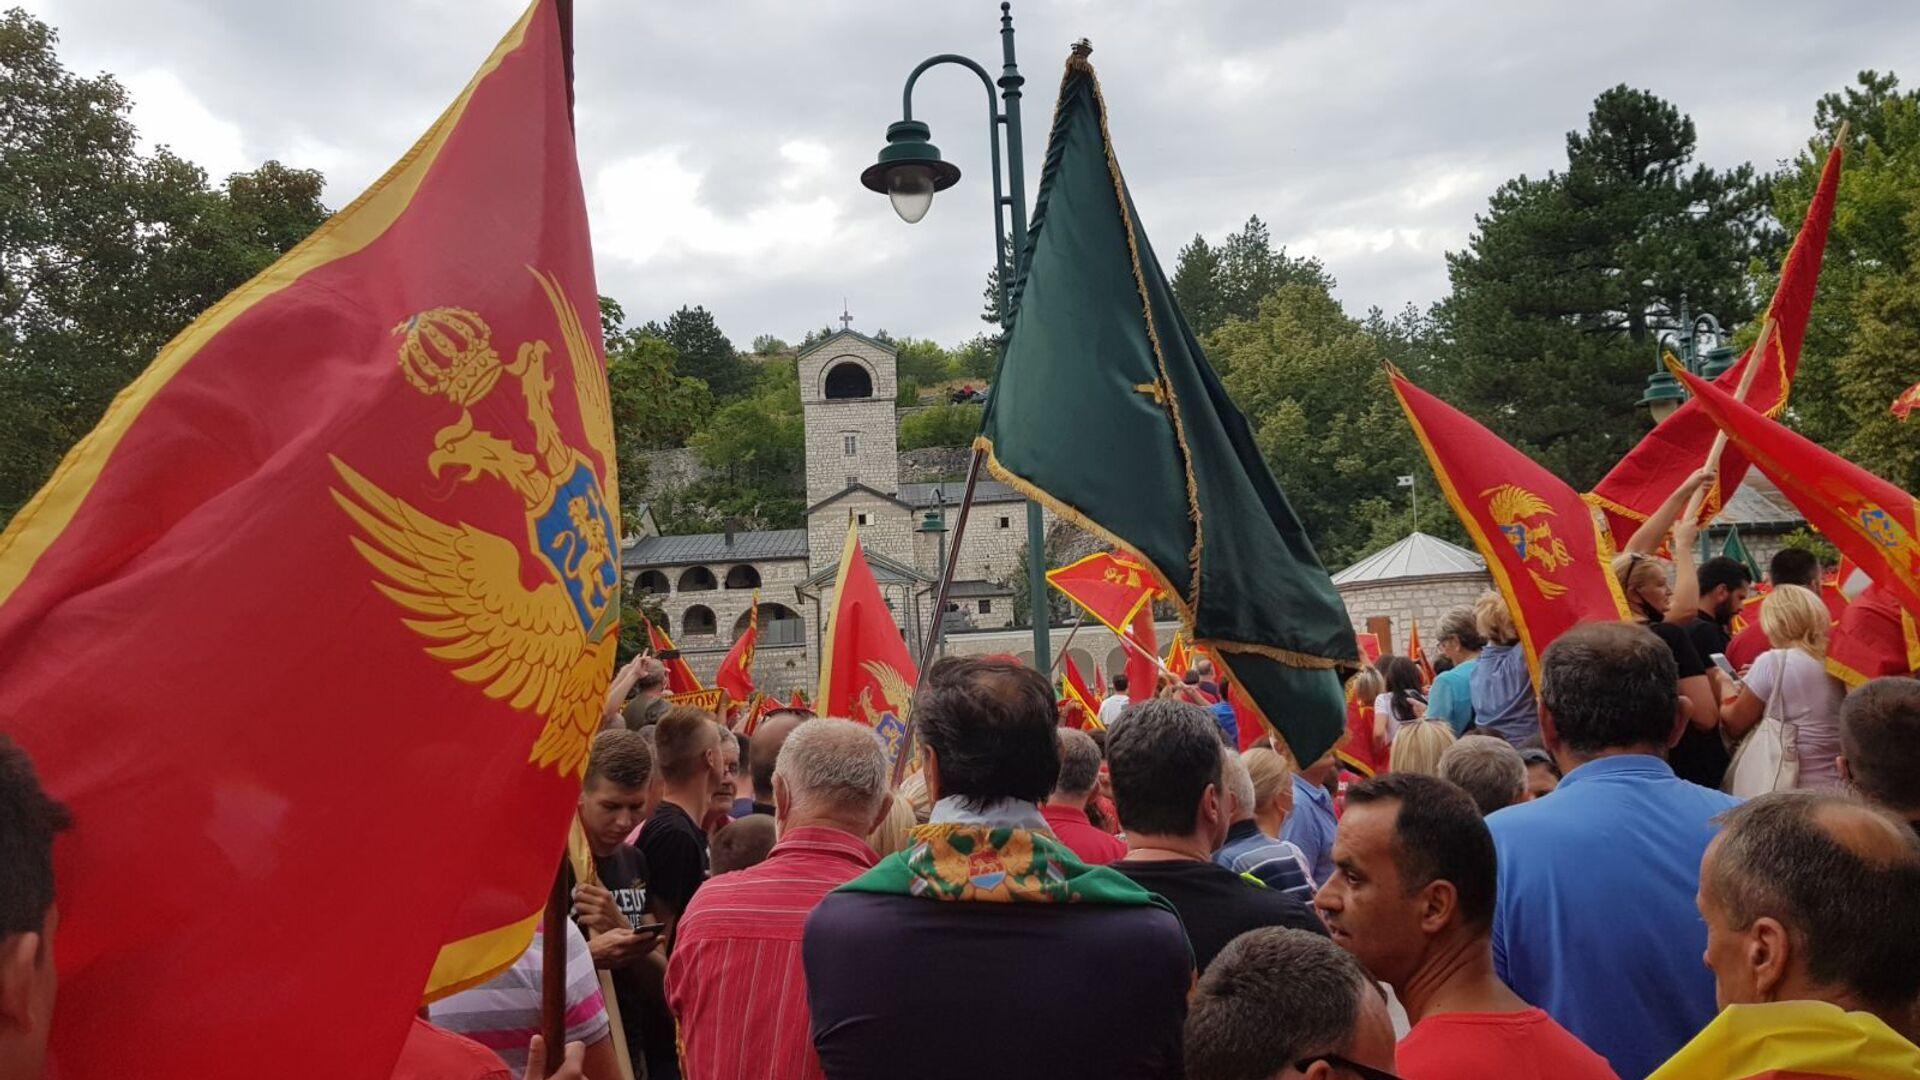 """Skup """"crnogorskih patriota"""" na Cetinju, ispred Cetinjskog manastira - Sputnik Srbija, 1920, 08.09.2021"""